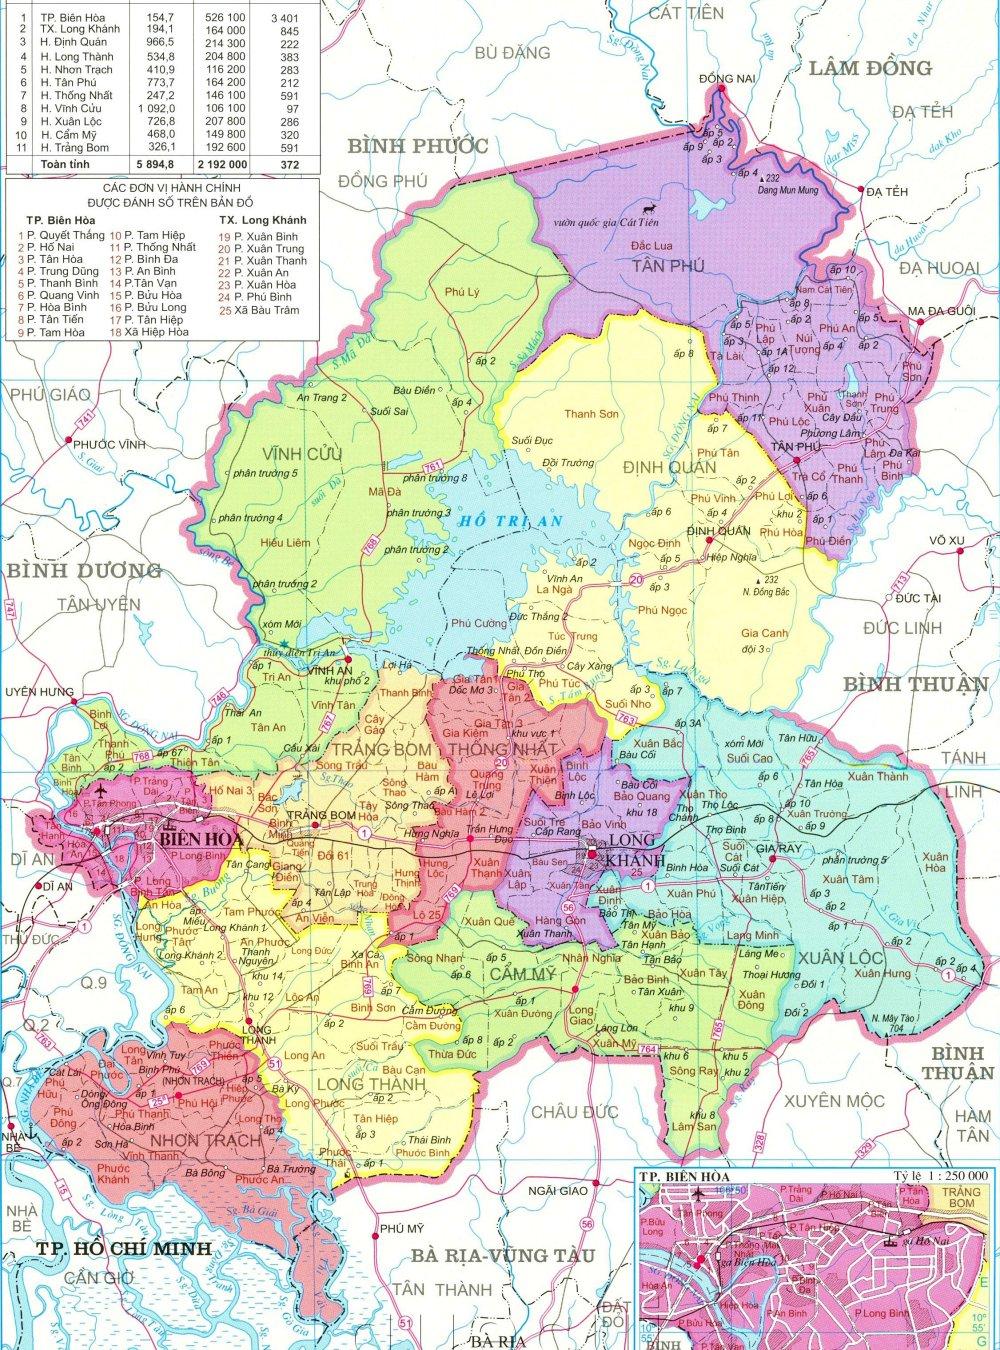 Bản đồ hành chính tỉnh Đồng Nai khổ lớn